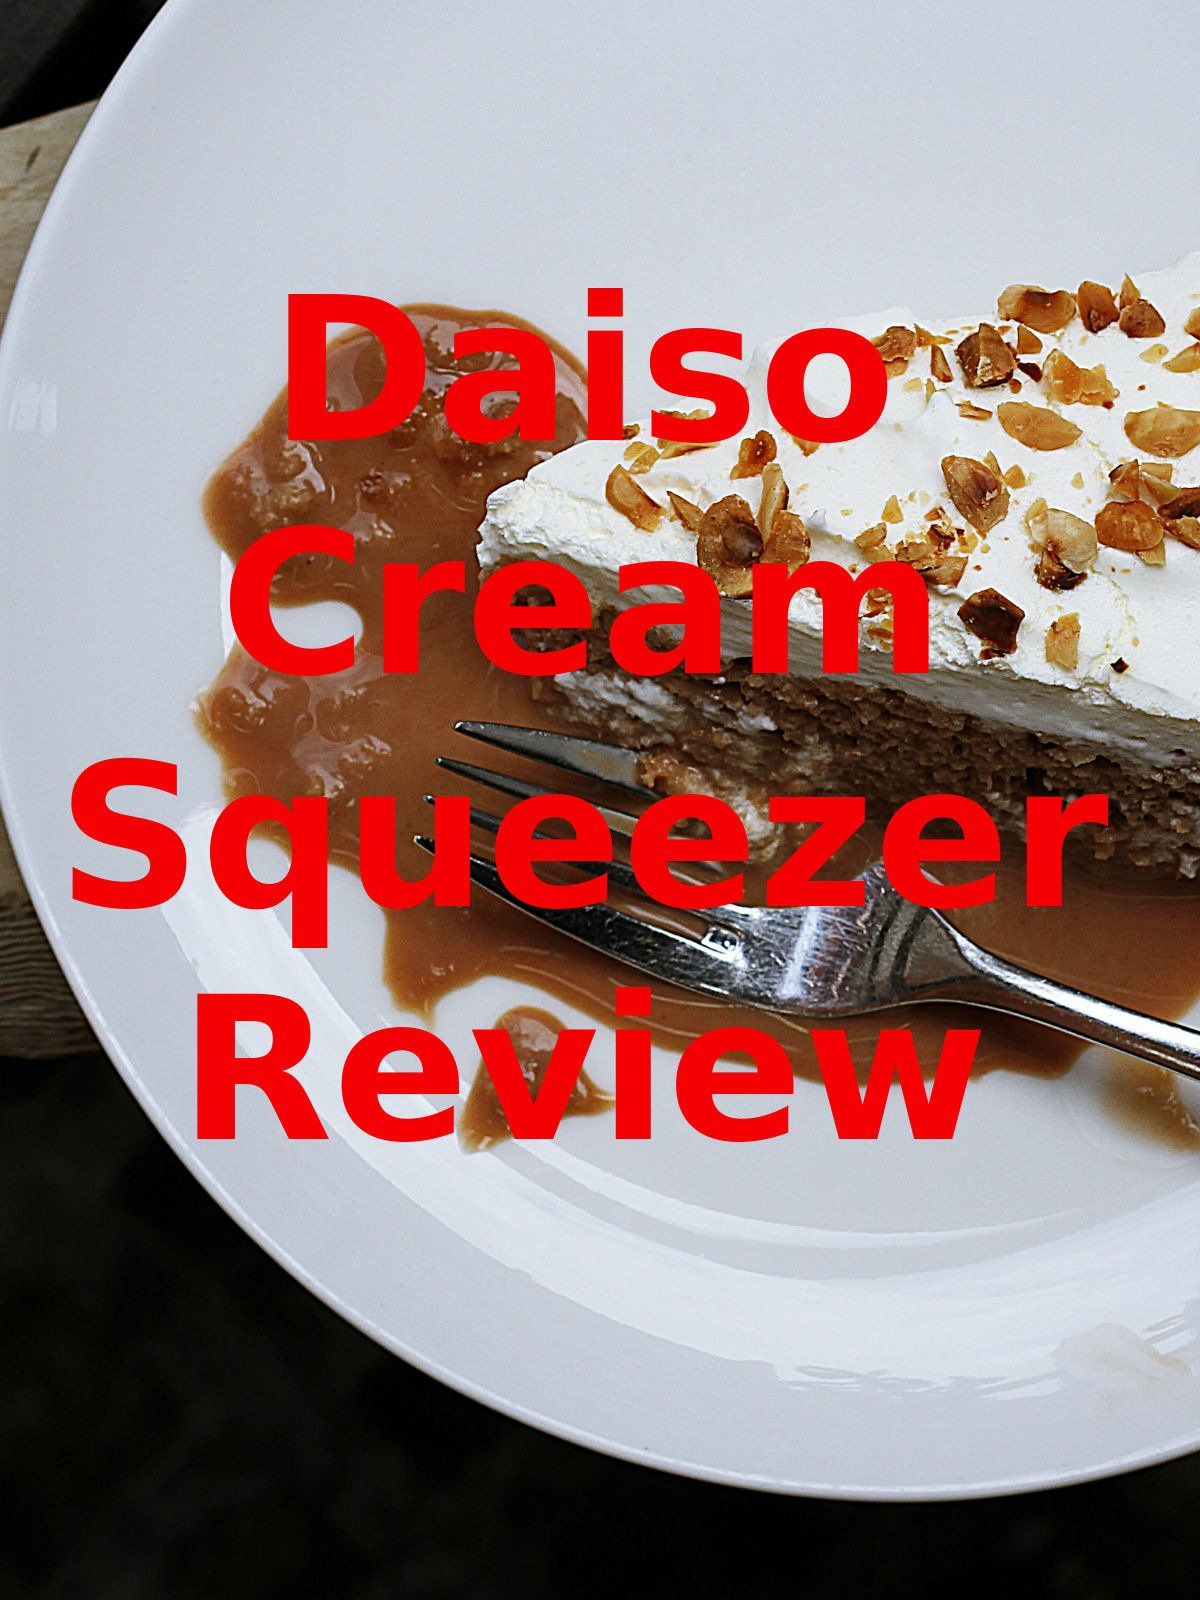 Review: Daiso Cream Squeezer Review